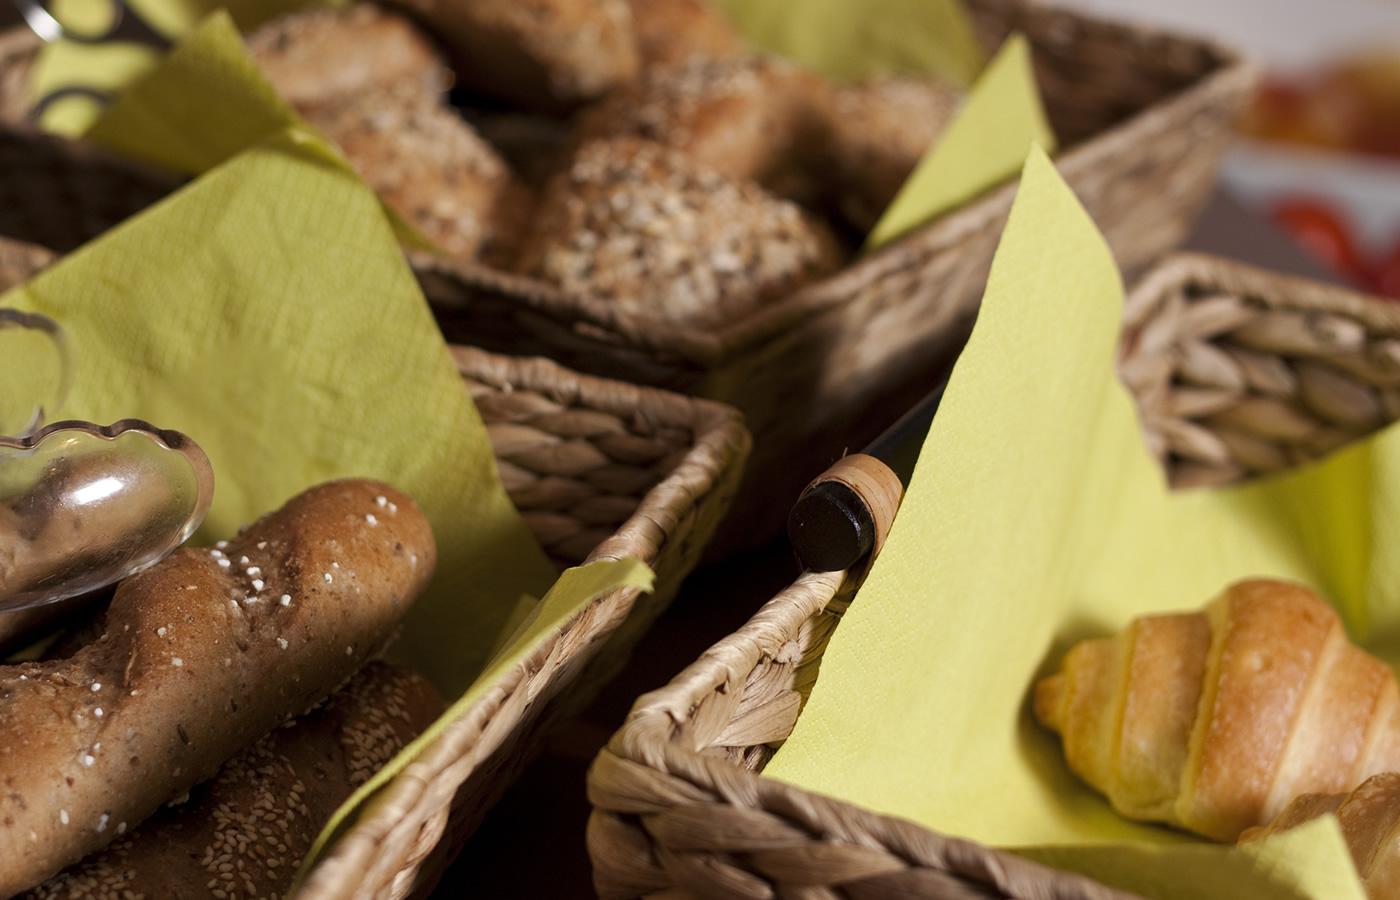 Frühstück im Hotel Natürlich - Brotsorten für Kinder und Erwachsene.